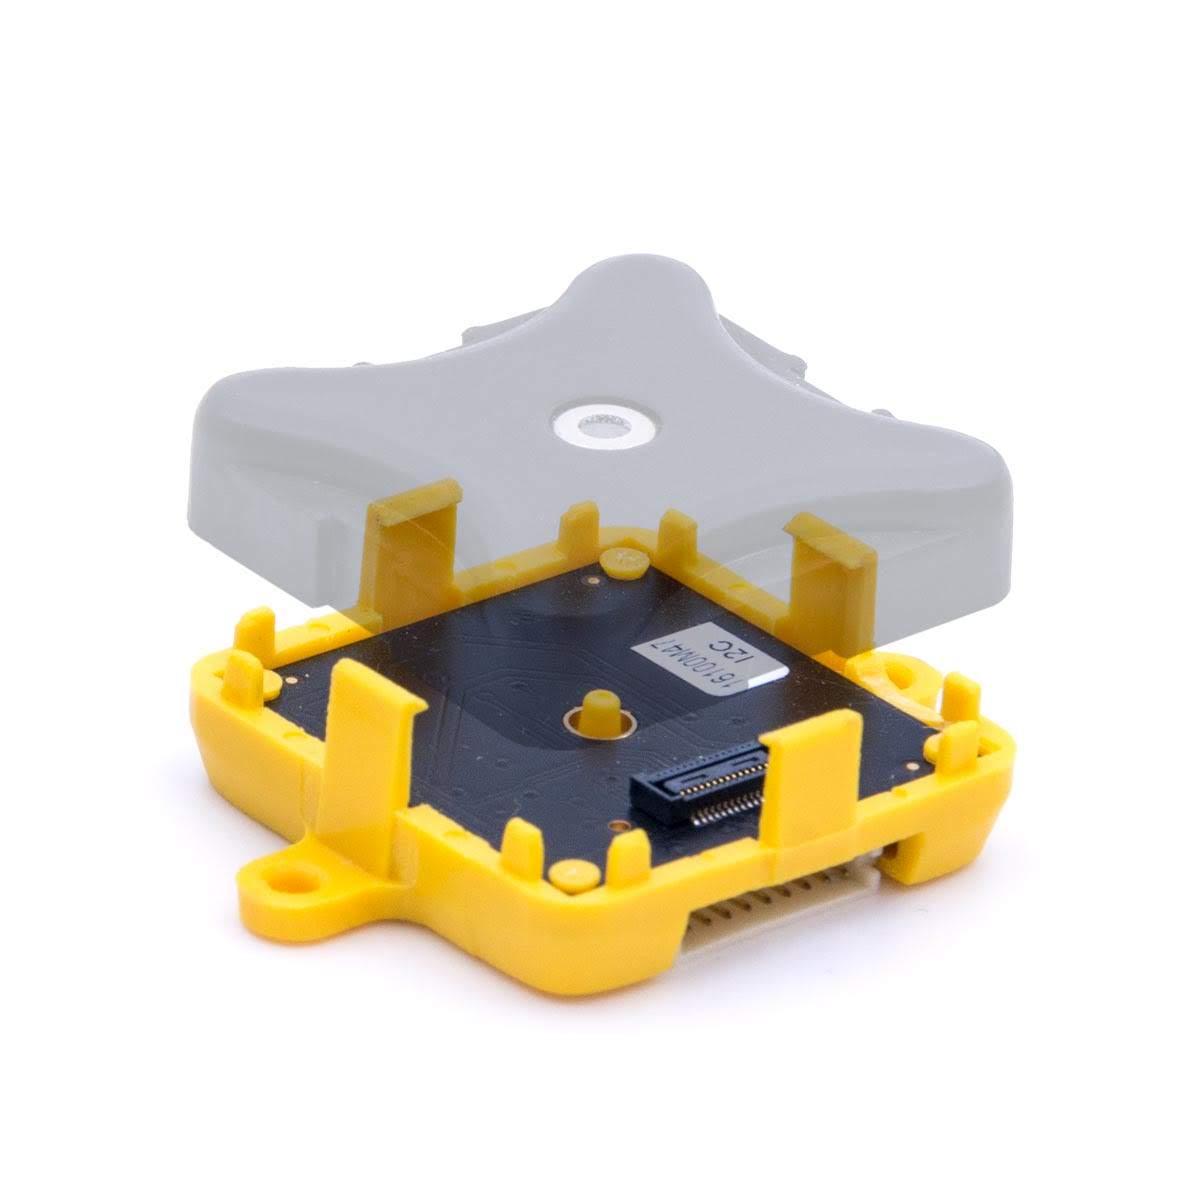 Teraranger Evo Thermal 90 Ir Sensor